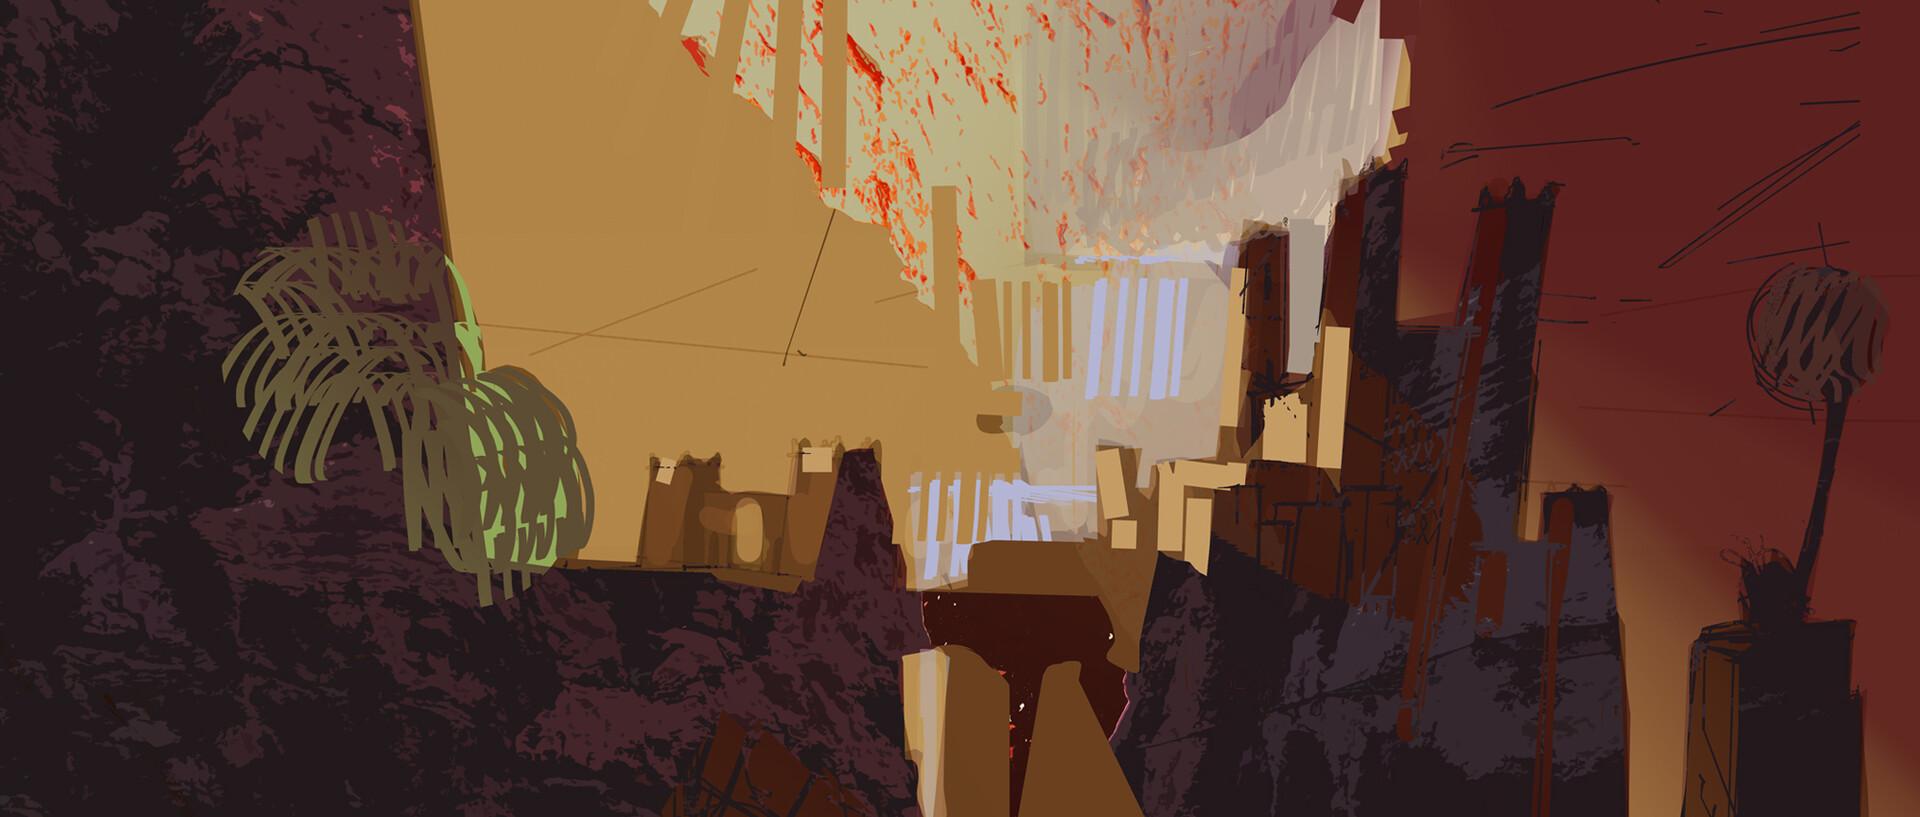 Fabia sans kasbah exploration 04